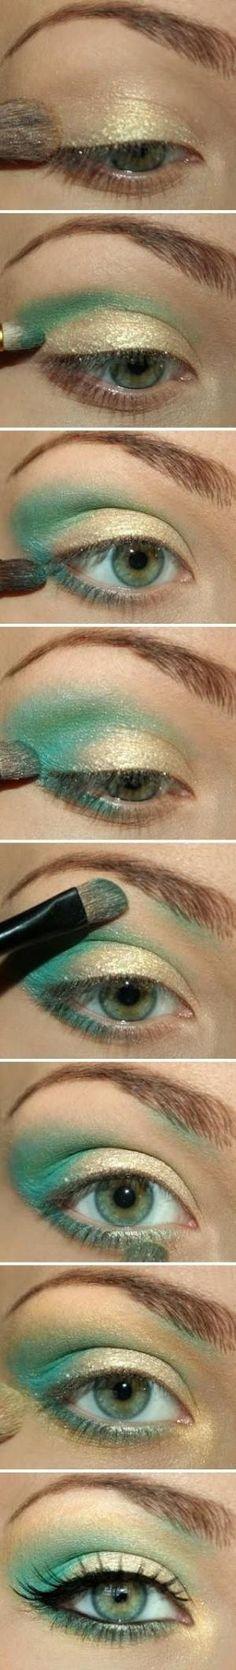 """Bastante """"sereia"""" maquiagem dos olhos!  por hemerald"""